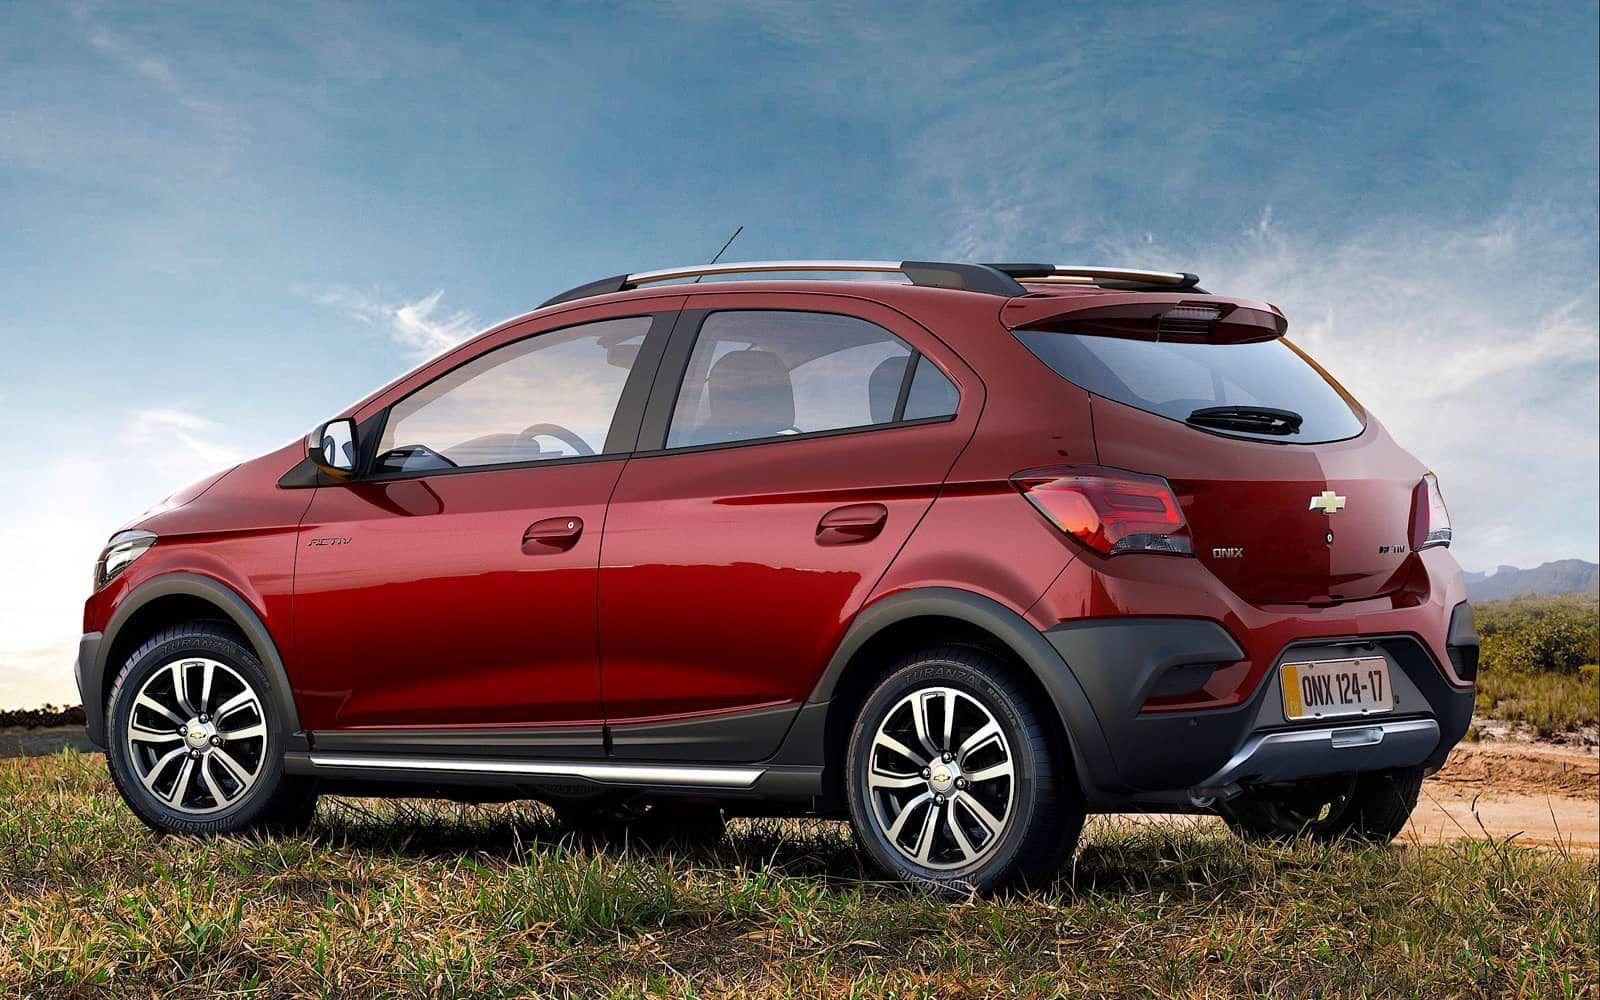 El Chevrolet Onix Activ Llega A Peru Carro Mais Vendido Lollapalooza Onix